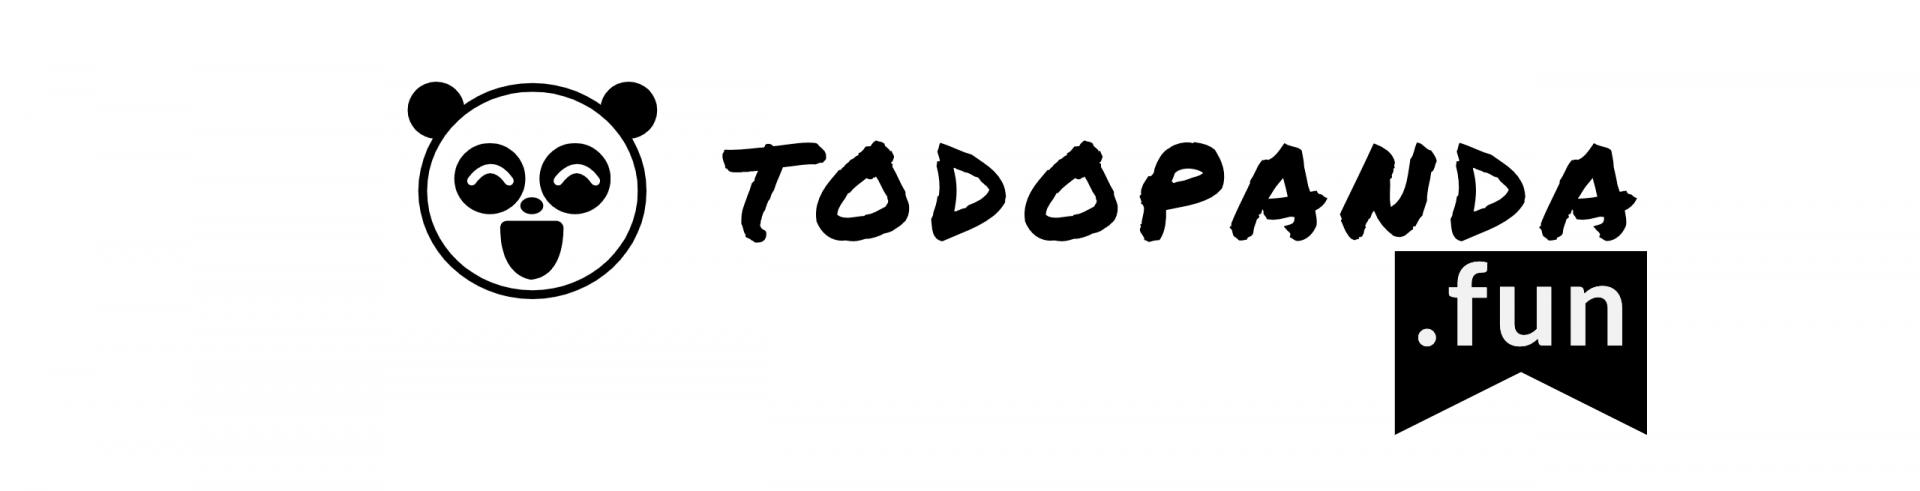 TODOPANDA.fun